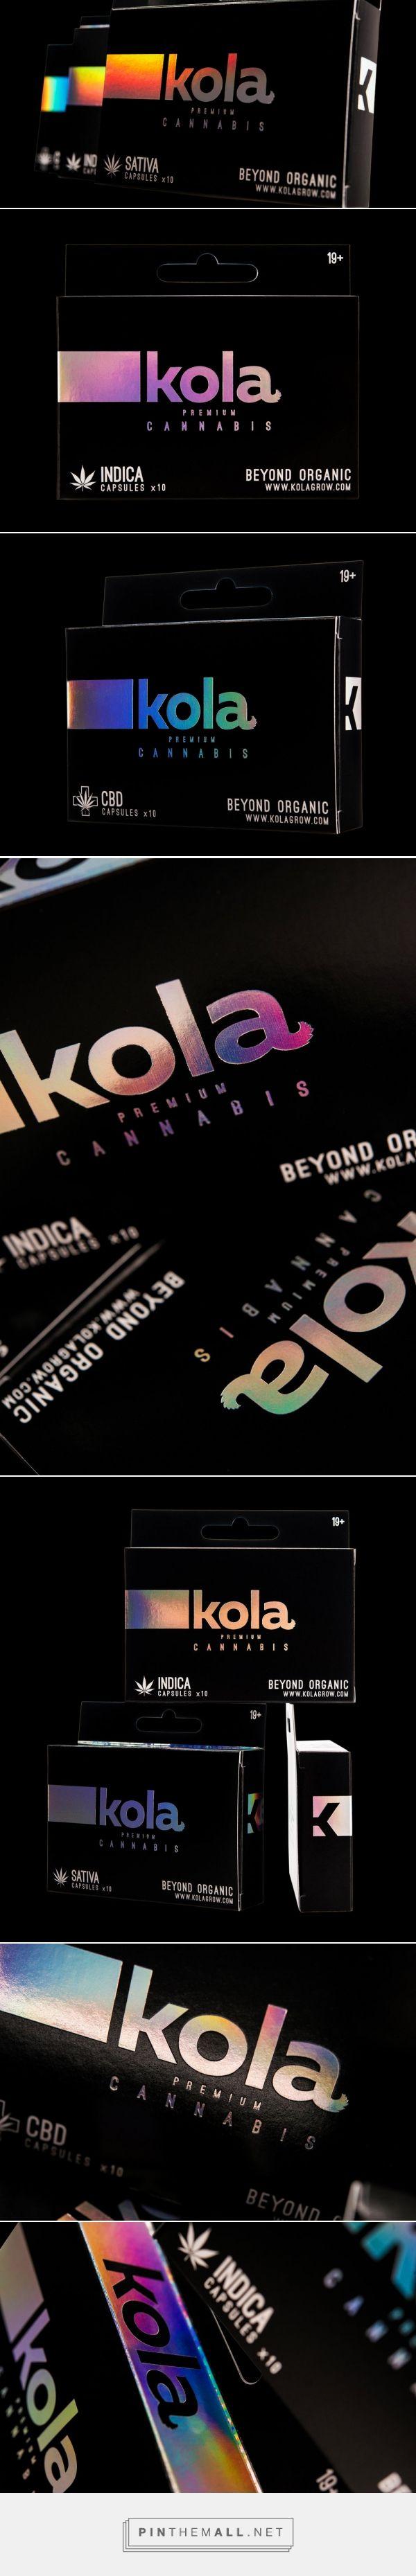 Kola Premium Cannabis Capsules — The Dieline - Branding & Packaging Design